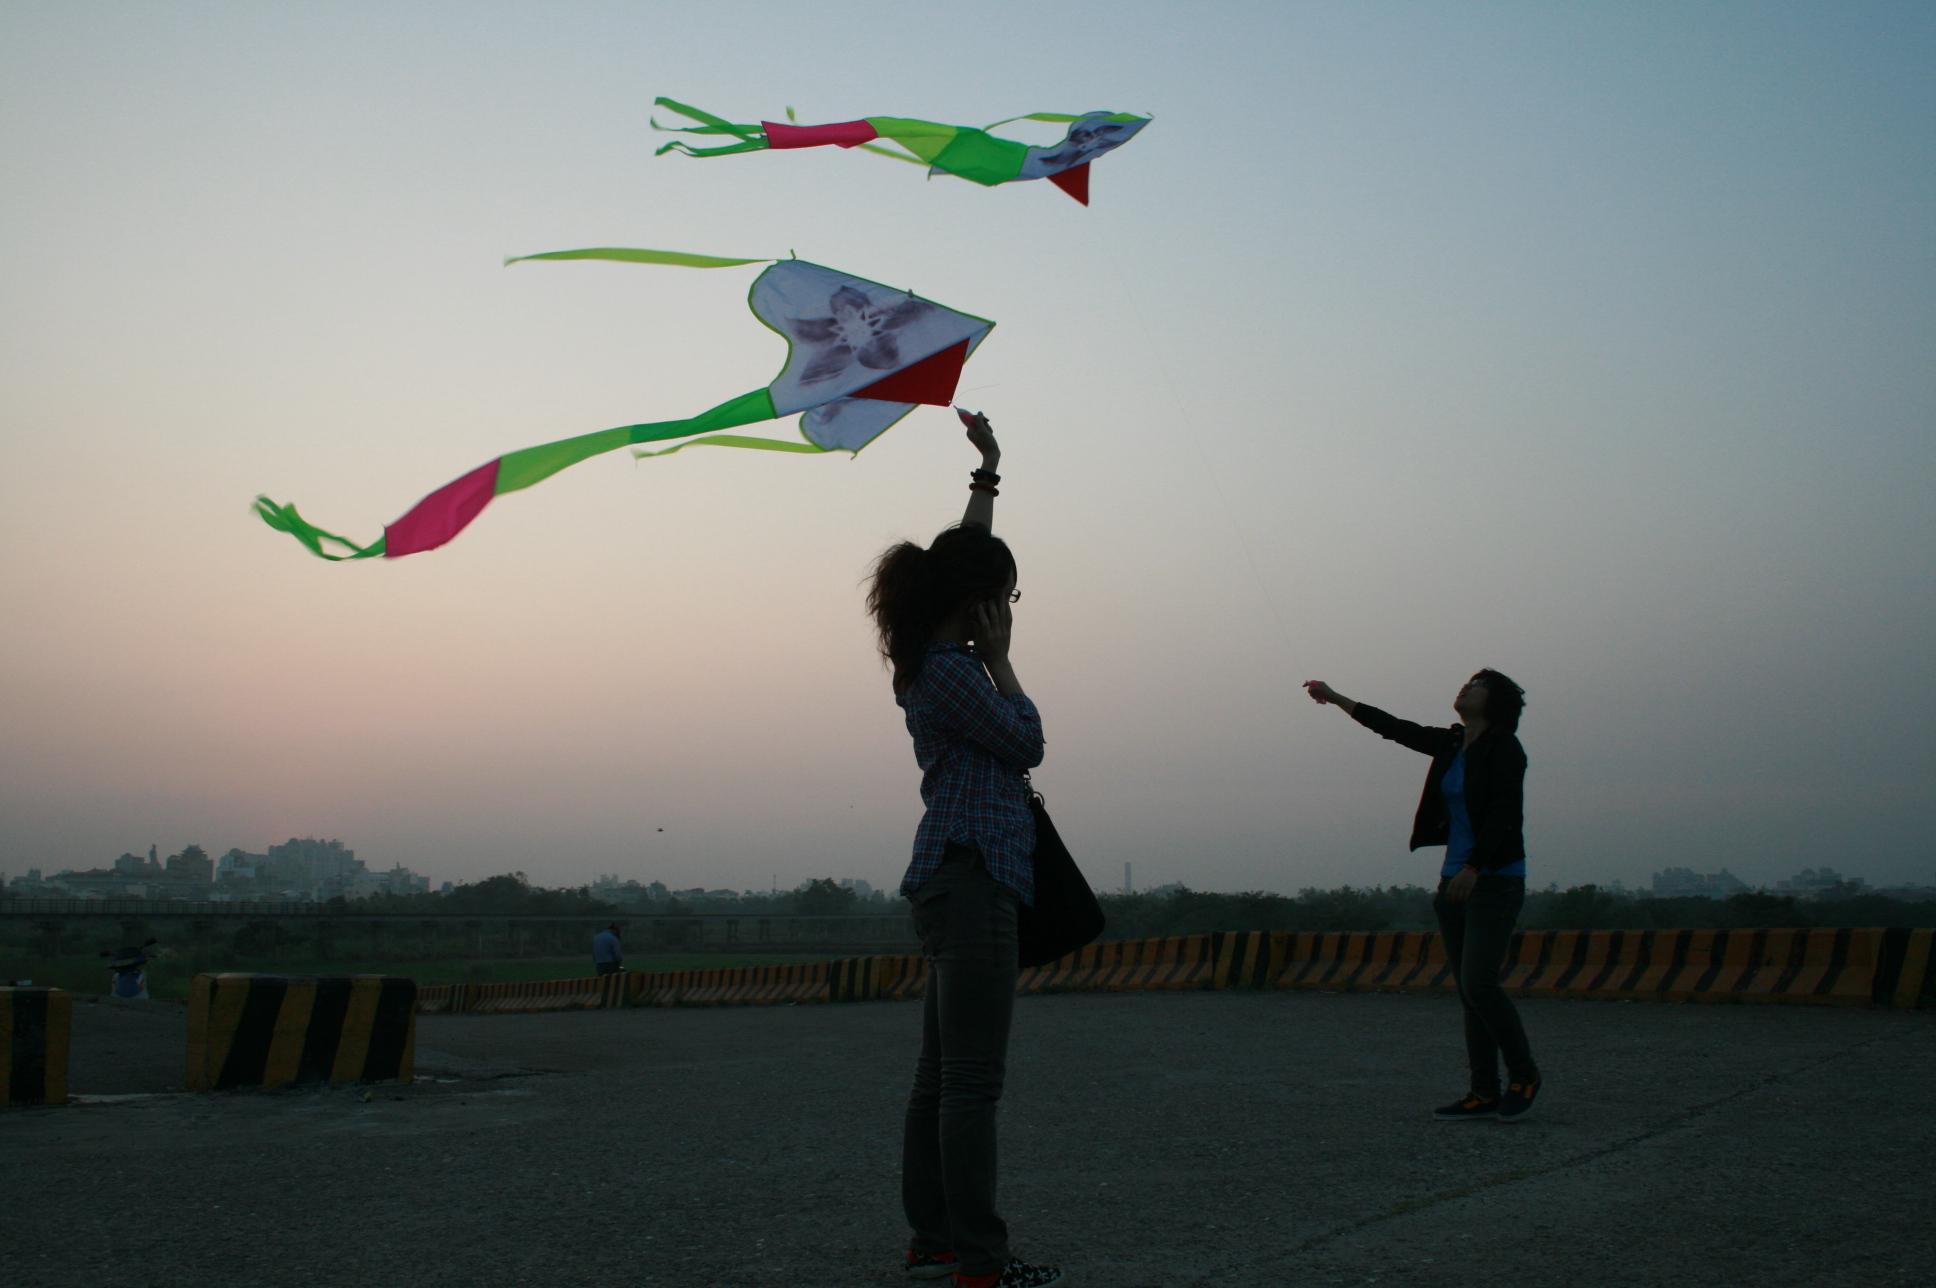 越堤上也是放風箏的好地方